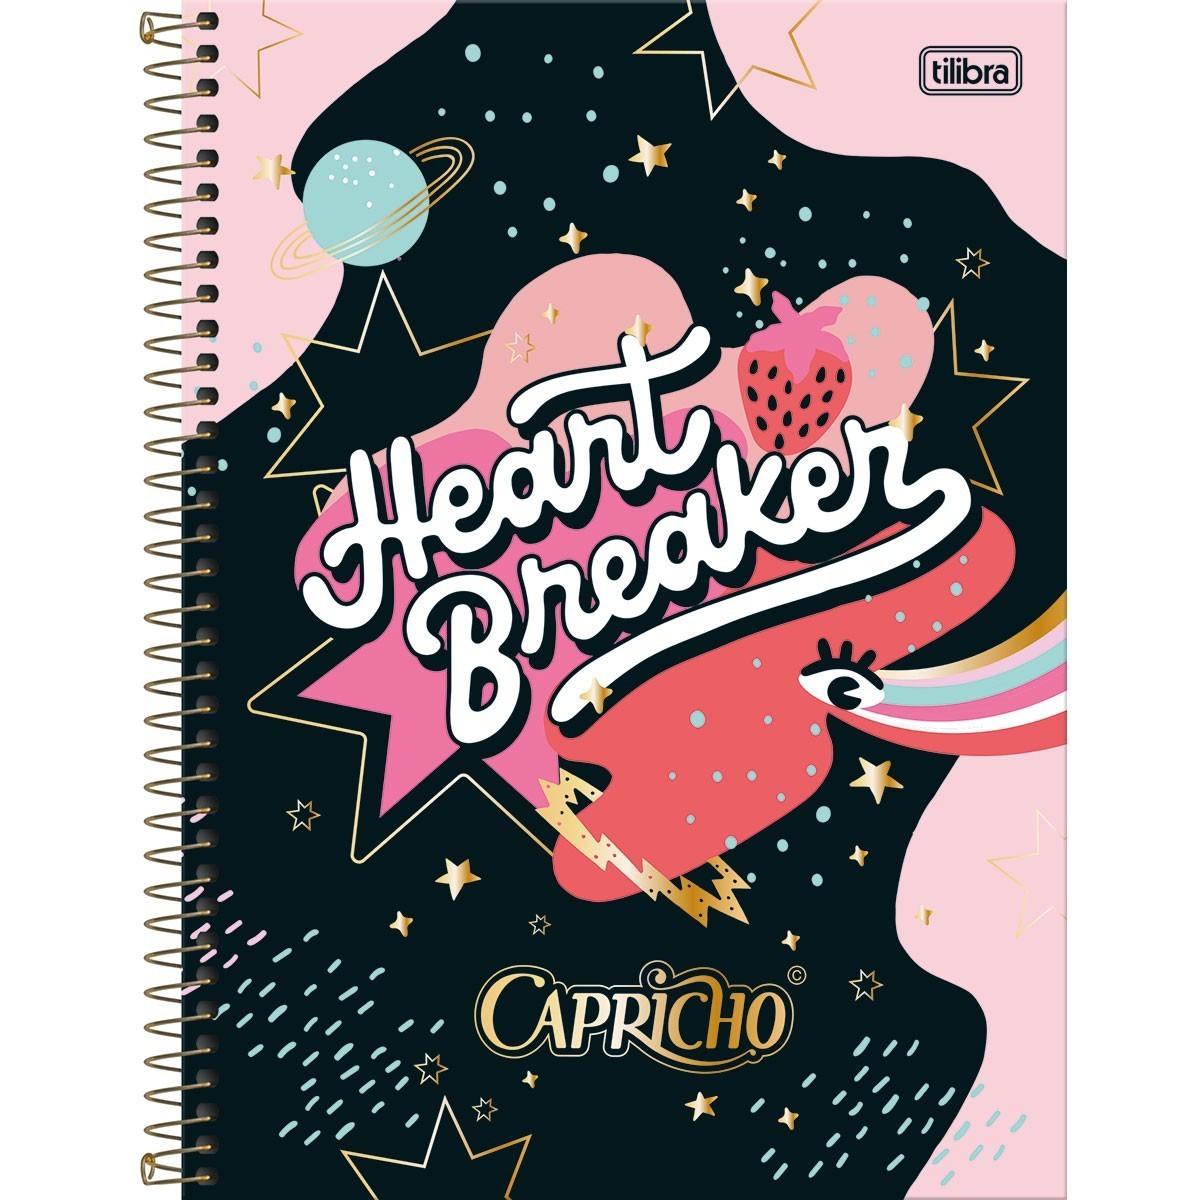 Caderno Espiral Capa Dura Universitário 10 Matérias Capricho 160 Folhas - Unidade